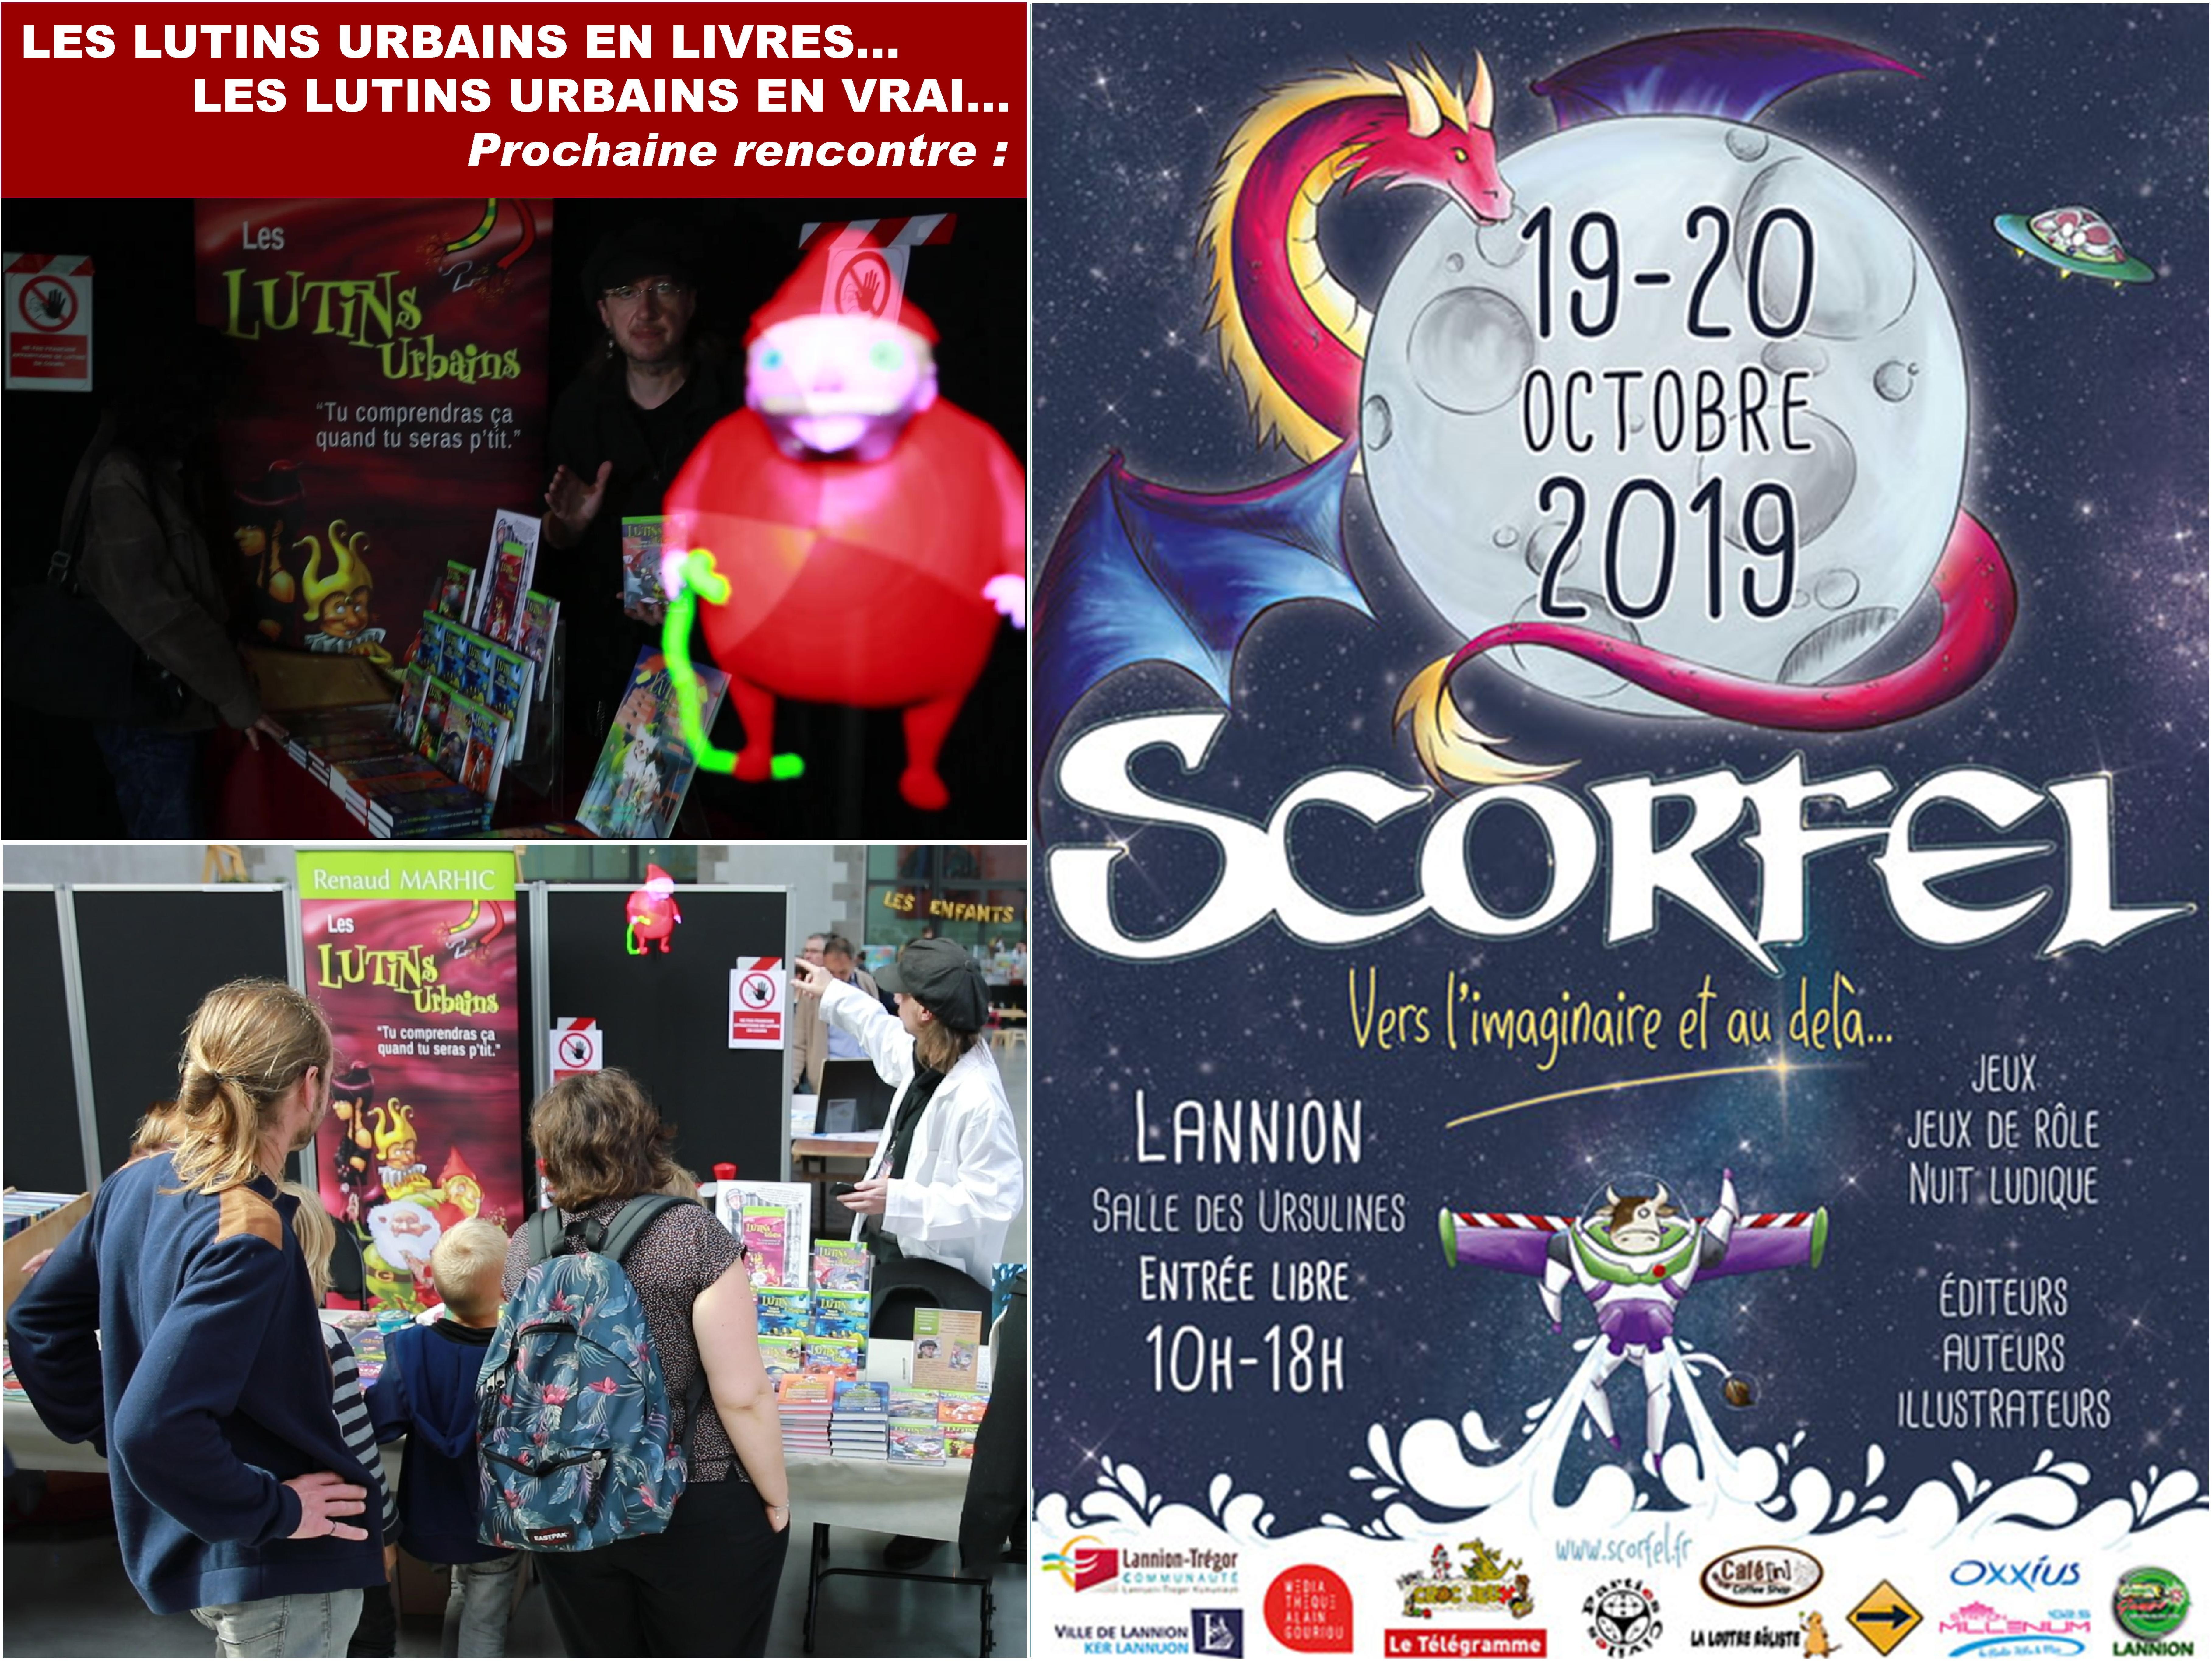 Les Lutins Urbains au Festival Scorfel 2019